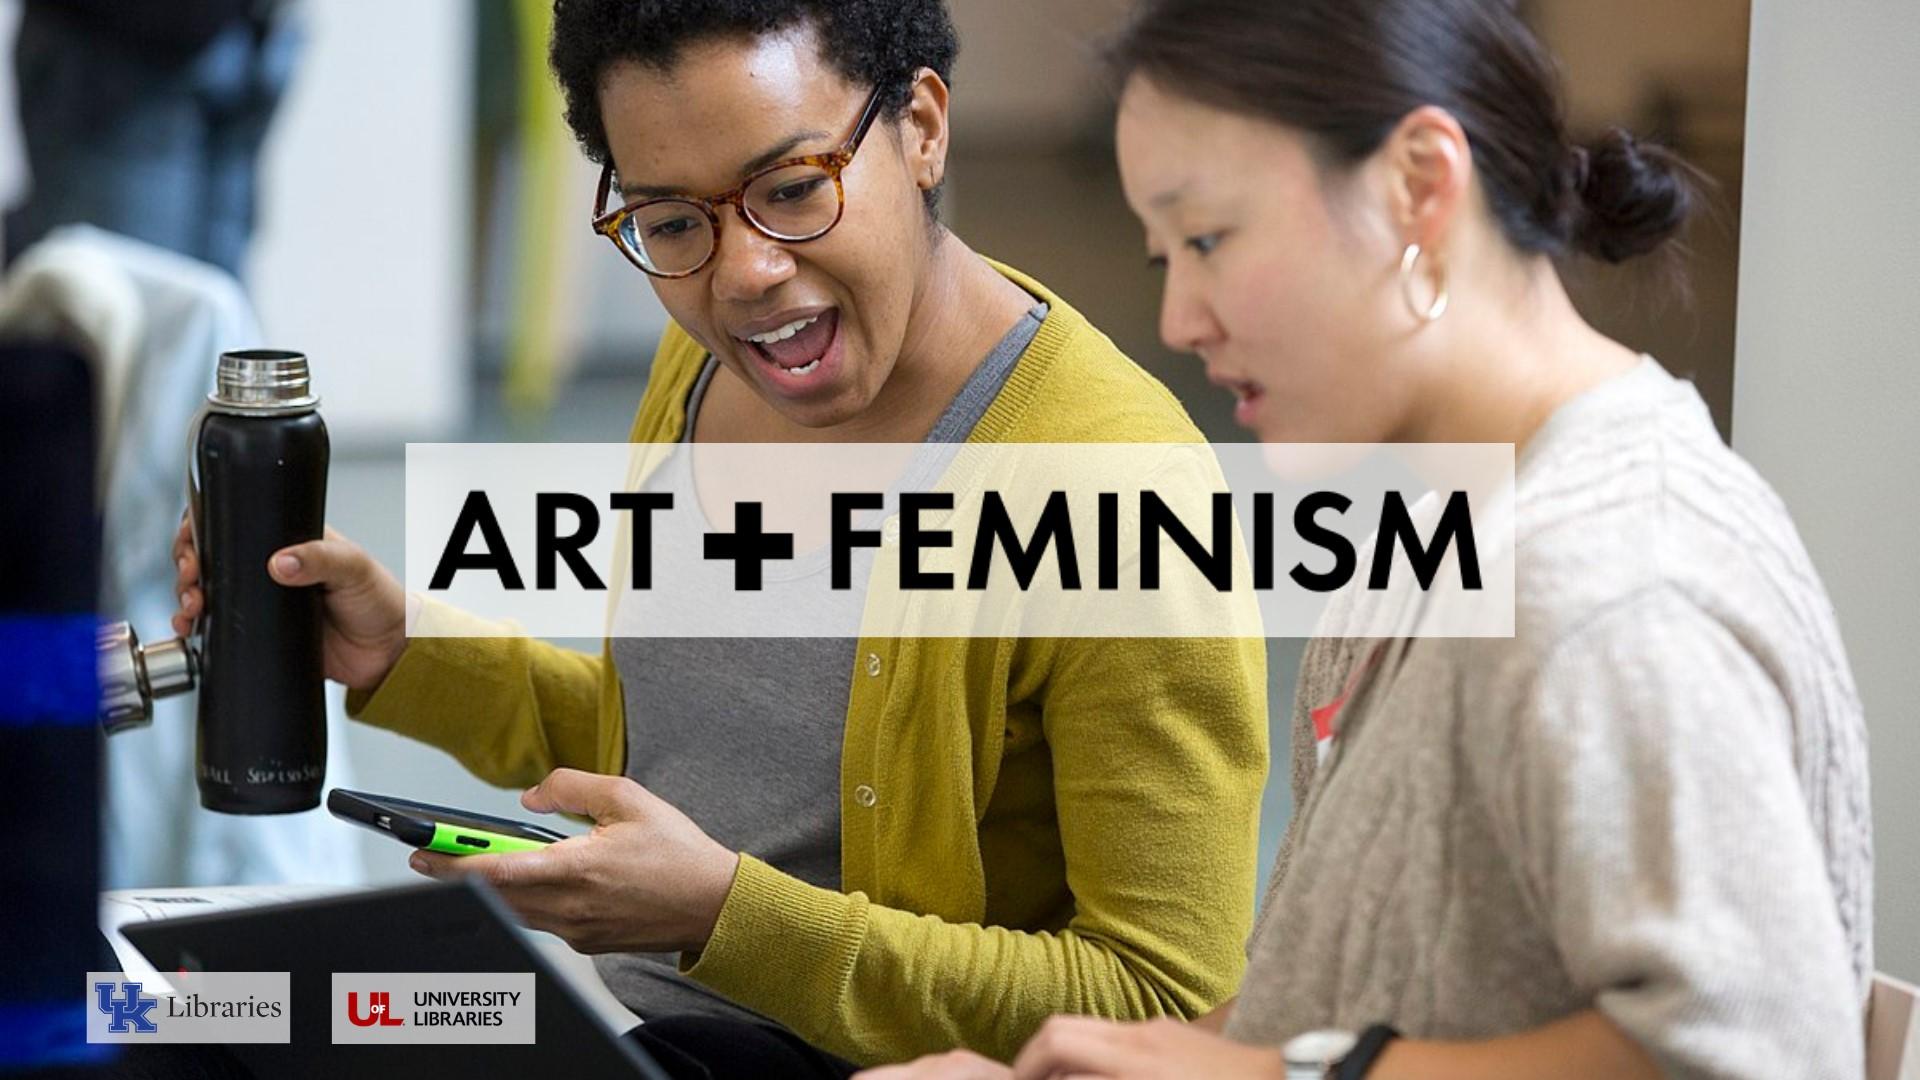 Kentucky art libraries Art+Feminism Editathon